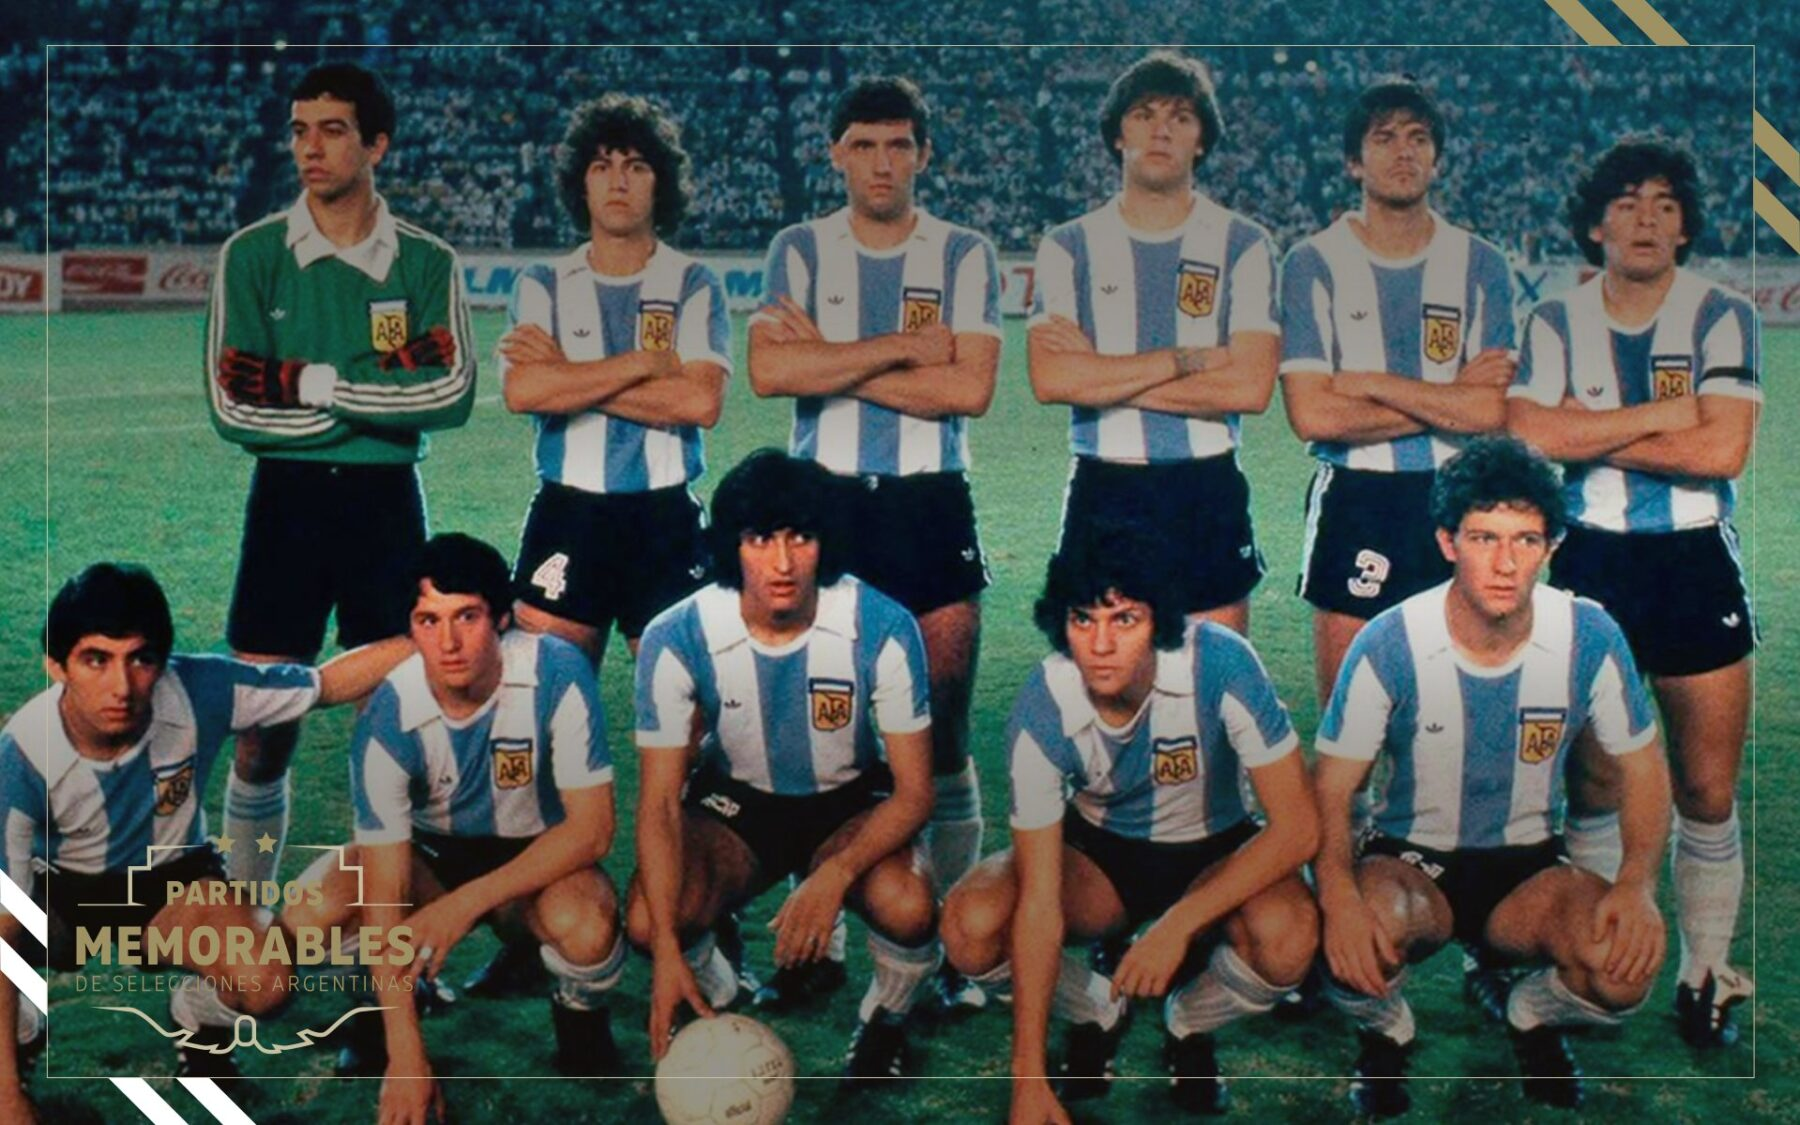 El despertar de la categoría dorada: un 3 a 1 sobre la URSS en 1979 le dio a la Selección Sub 20 de Argentina su primera Copa del Mundo